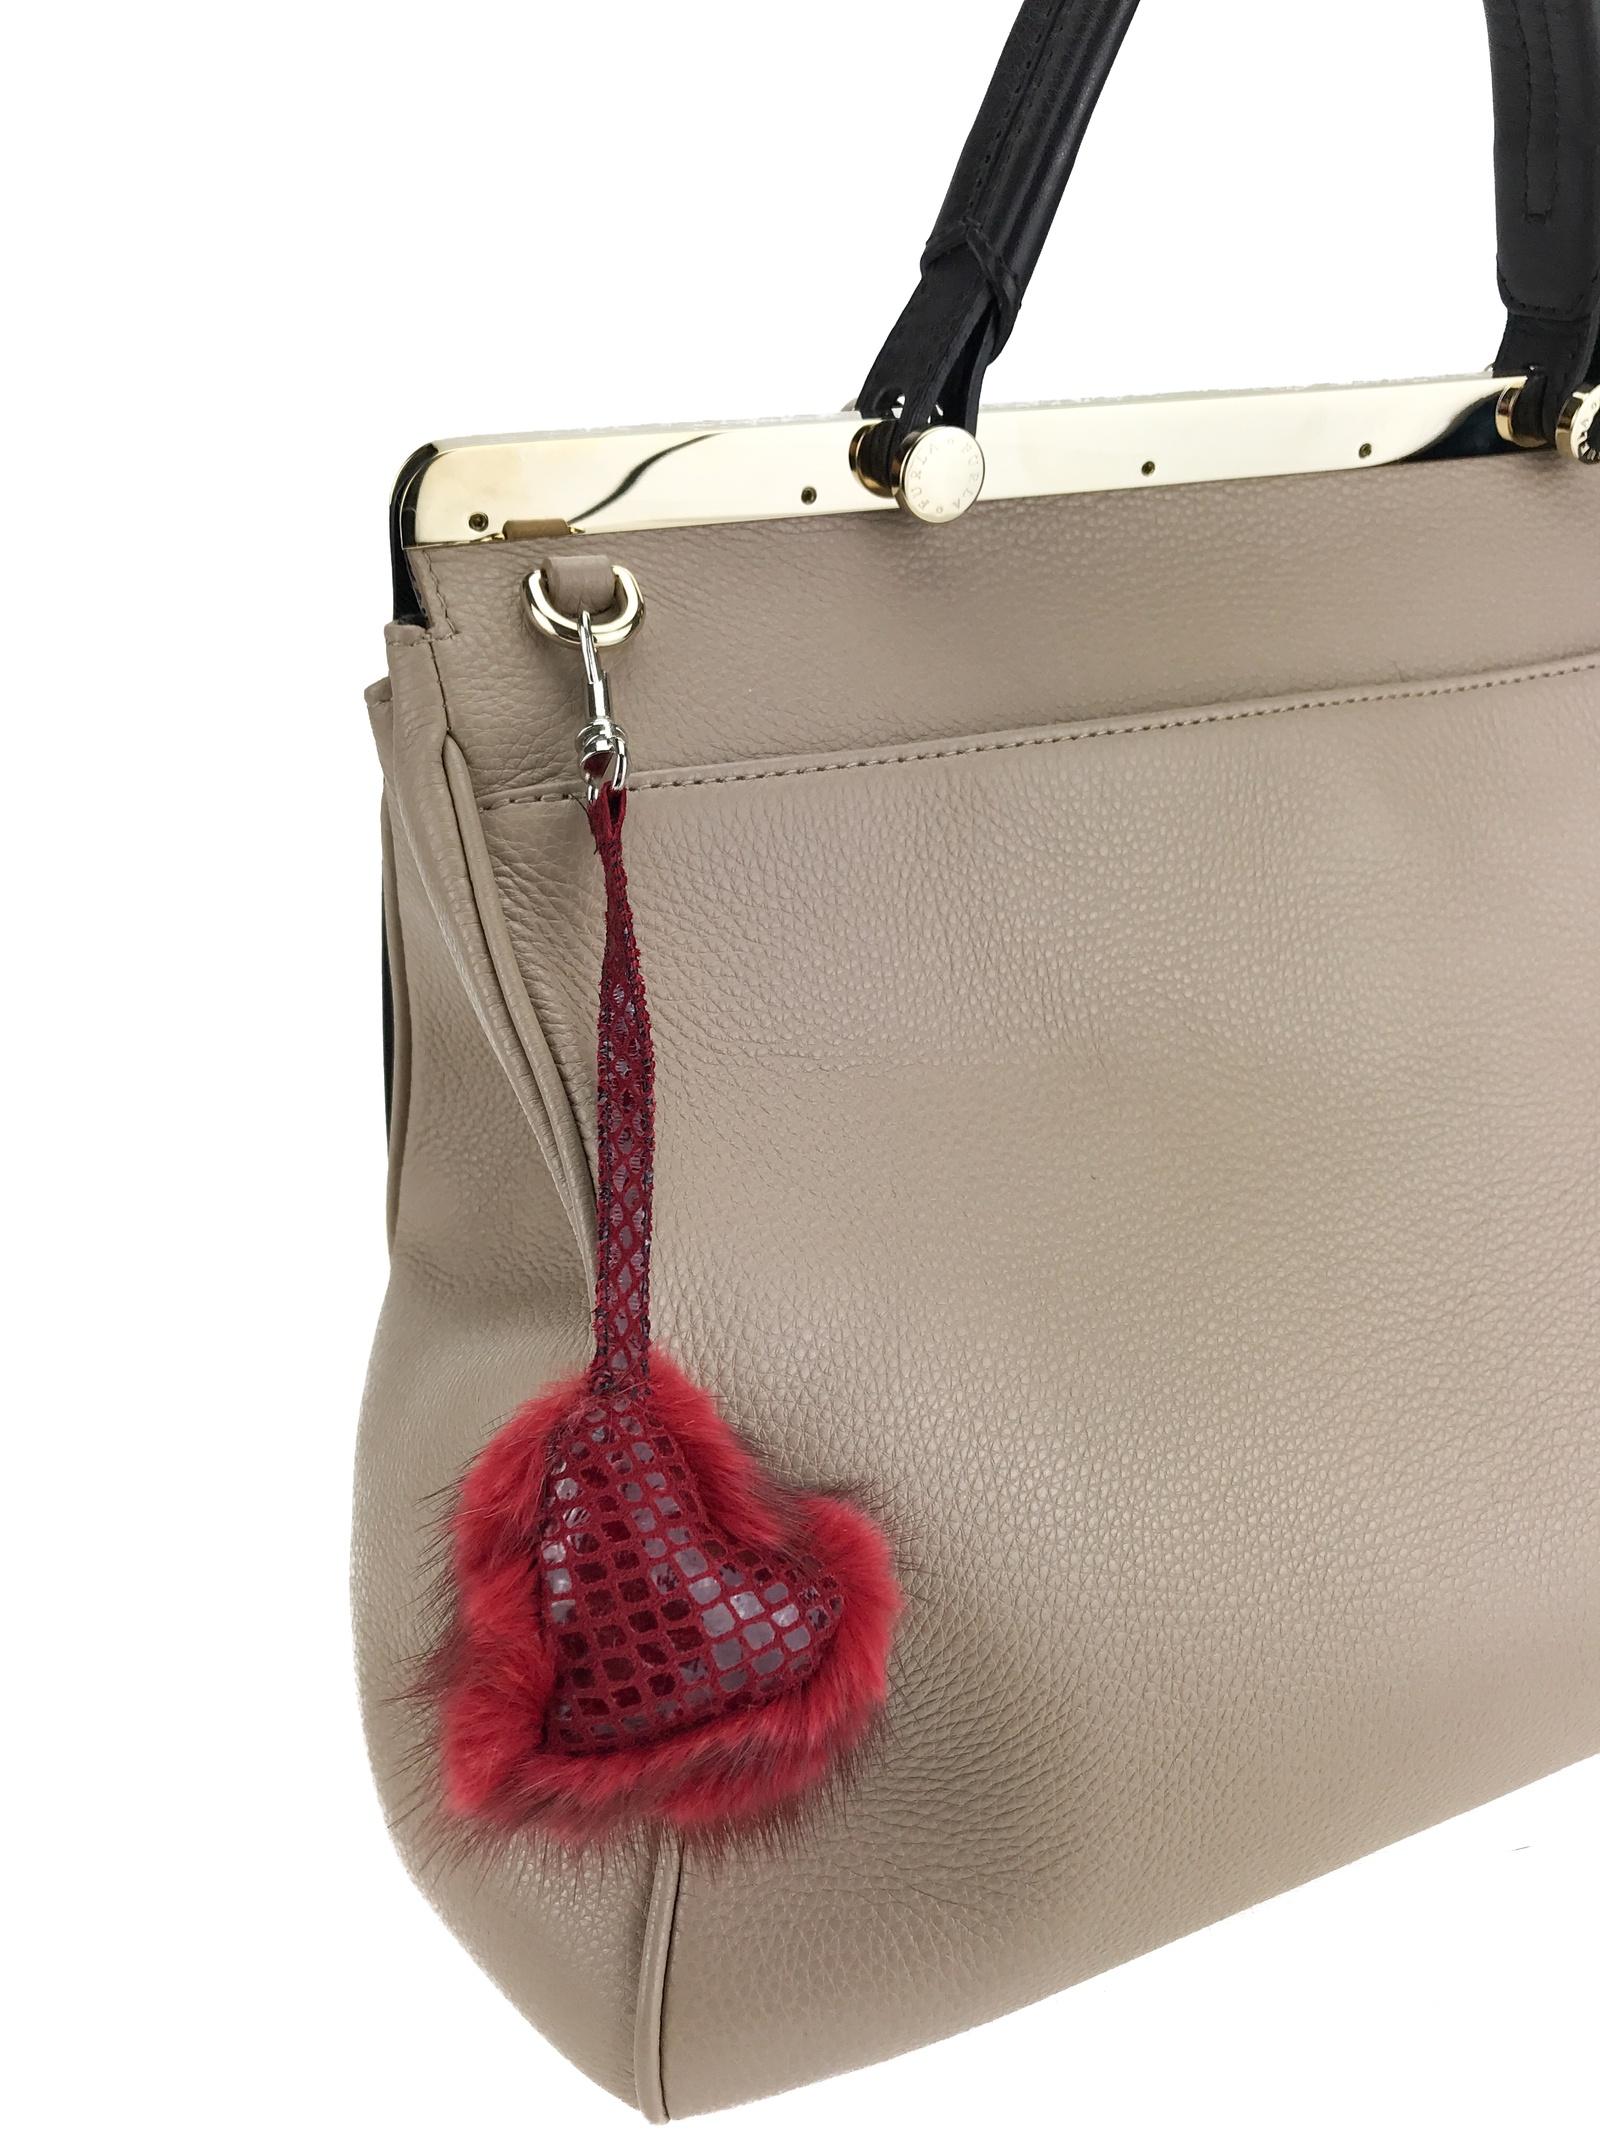 купить Брелок на сумку,цвет:красный, мех норки, Mex-Style, б/р по цене 950 рублей